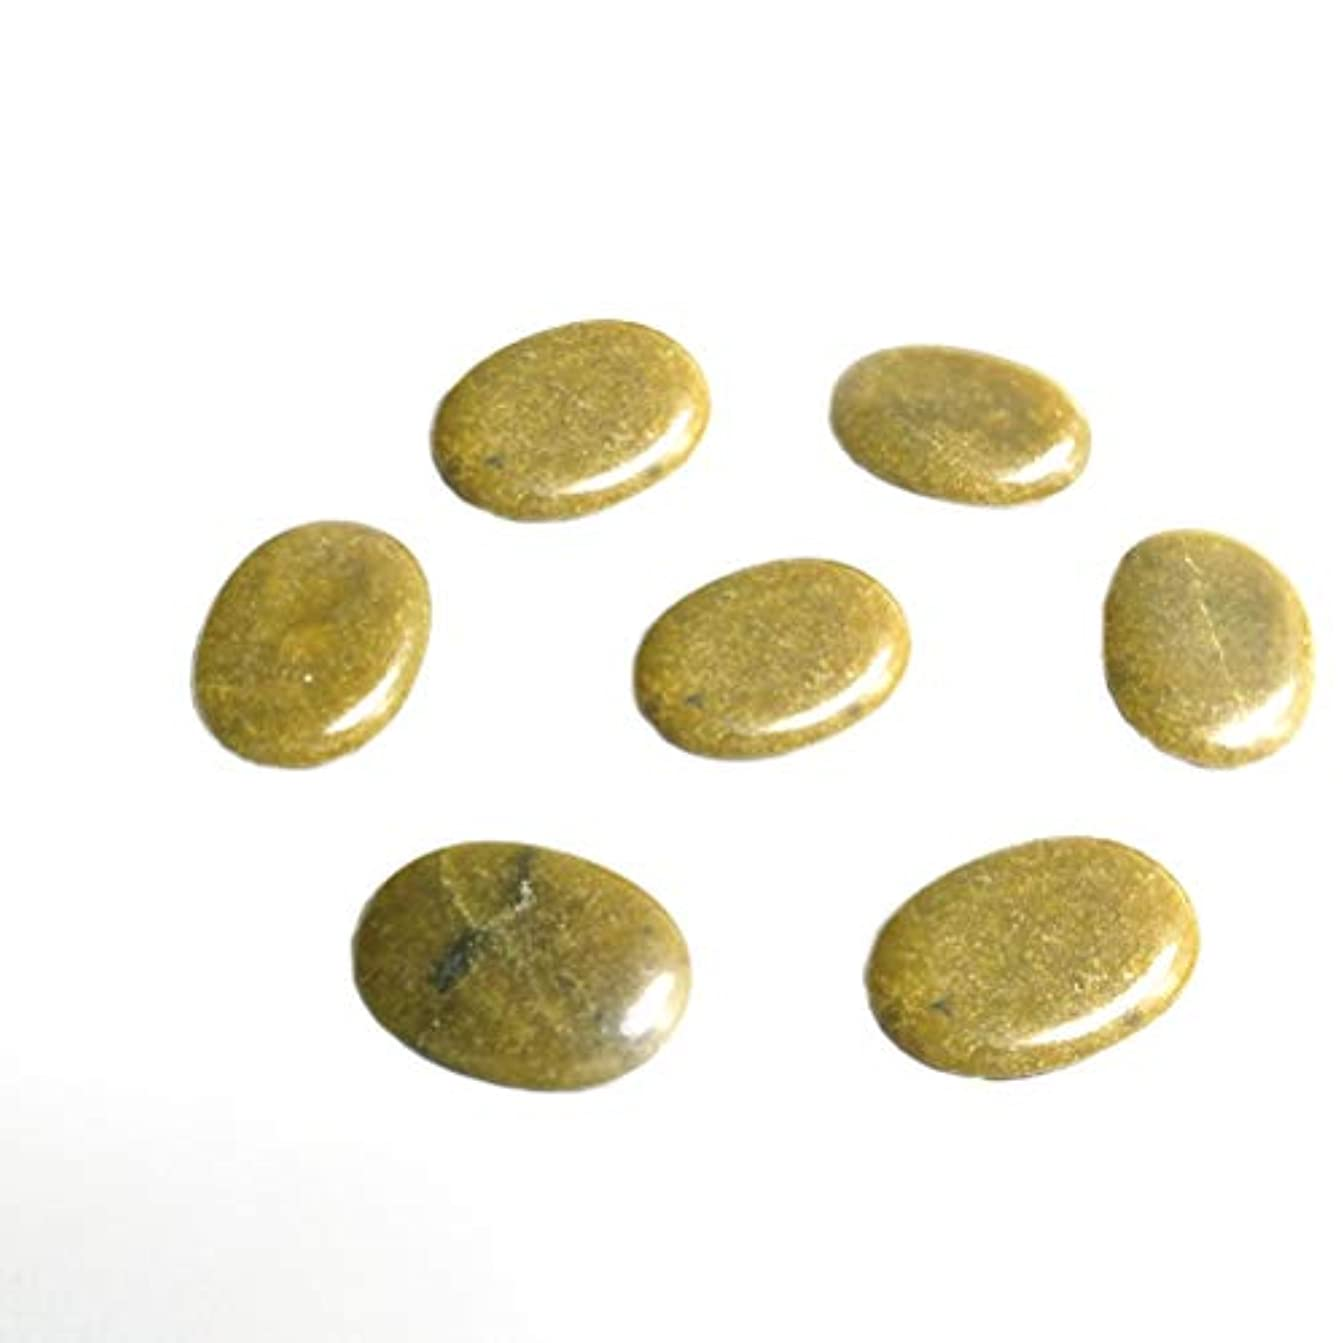 感謝祭性的固執SUPVOX スパマッサージ療法のための8個のマッサージホットストーングーシャロックマッサージツールウォーマー(グリーン)